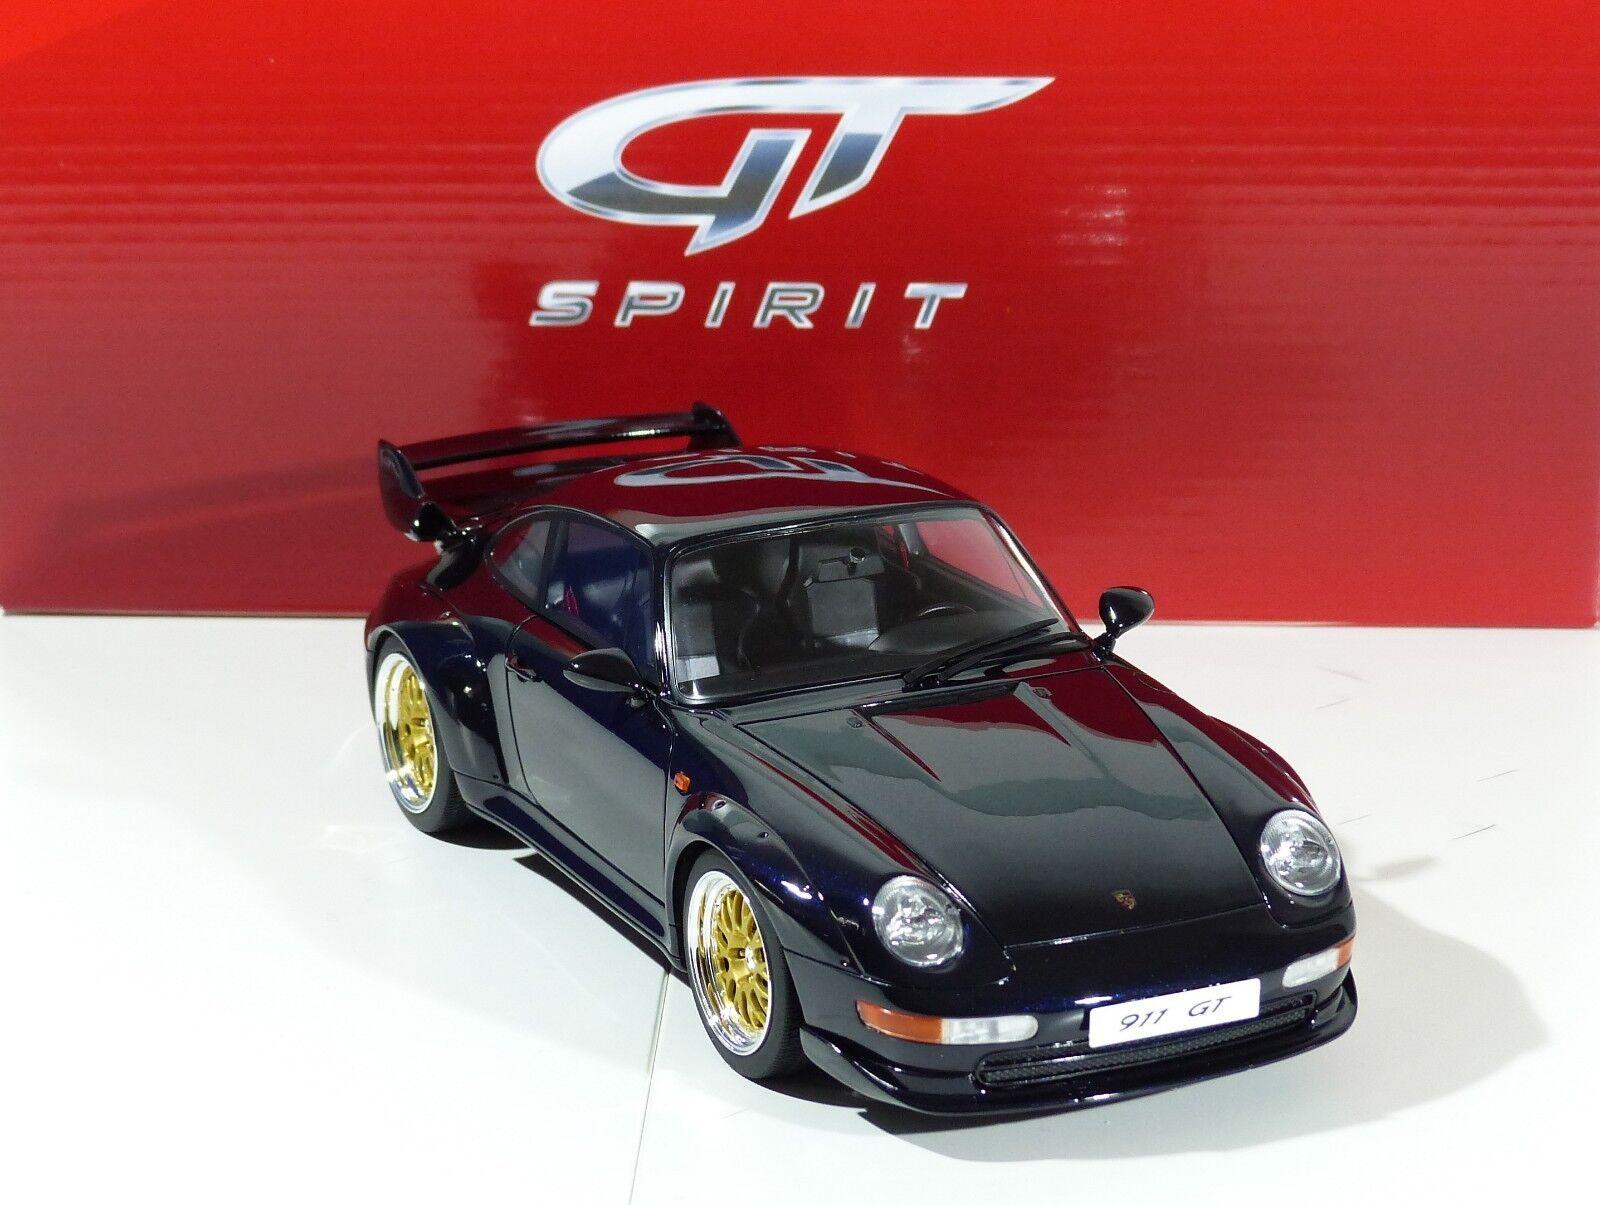 Porsche 911 (993) GT Dark-bleu année modèle 1995 gt144 gt144 gt144 GT SPIRIT 1 18 NEUF f3c43c